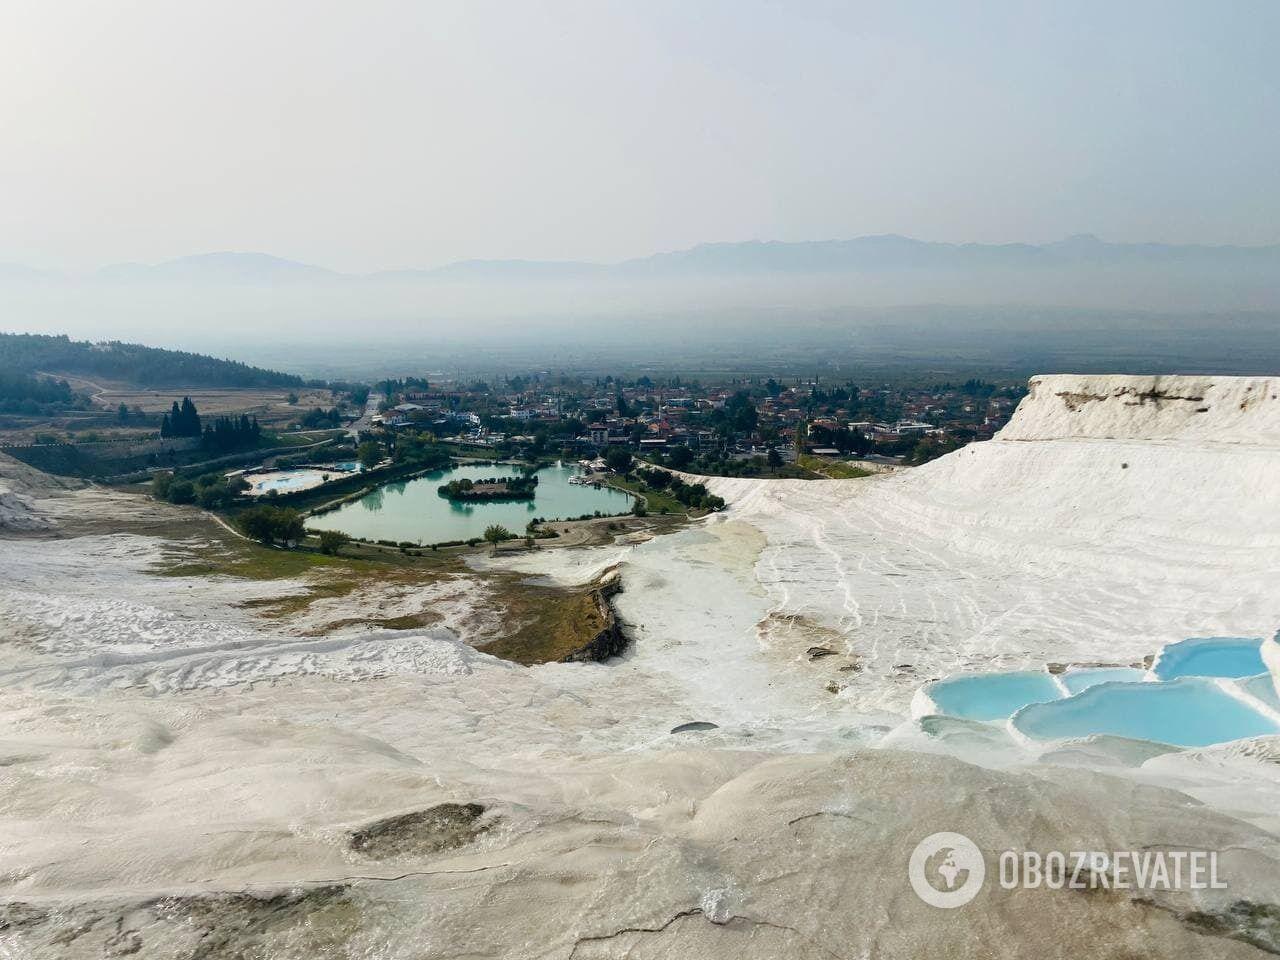 Будучи в Турции, туристам стоит погулять по белоснежным террасам Памуккале